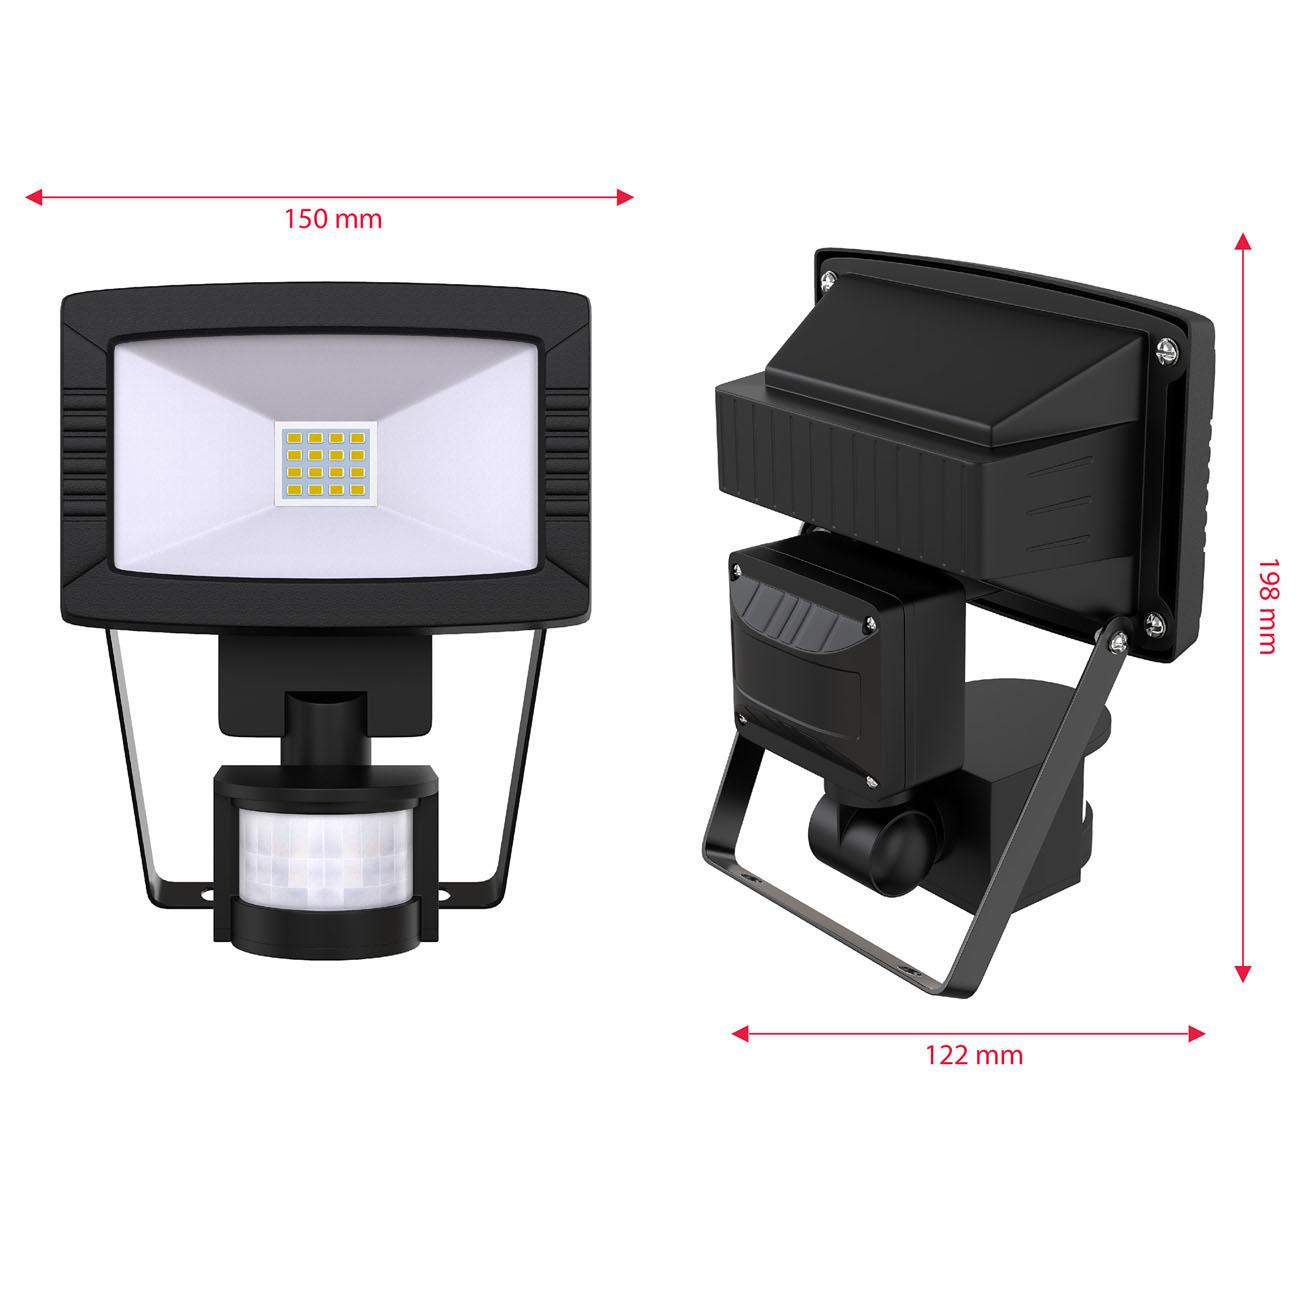 LED Außenstrahler mit Bewegungsmelder IP44 schwarz - 7